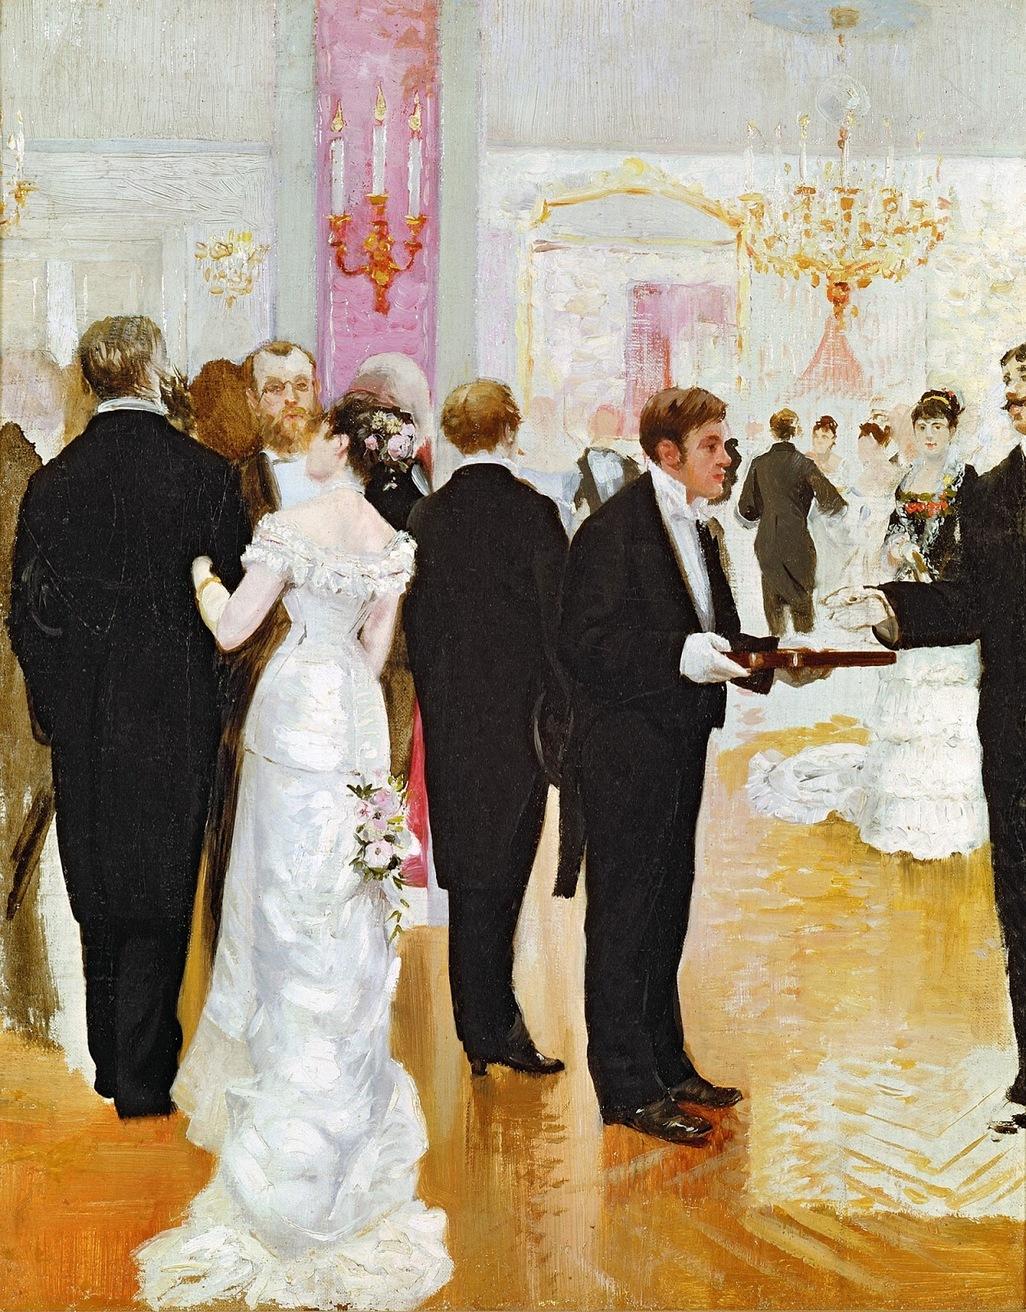 Свадебный приём - Частное собрание.jpg